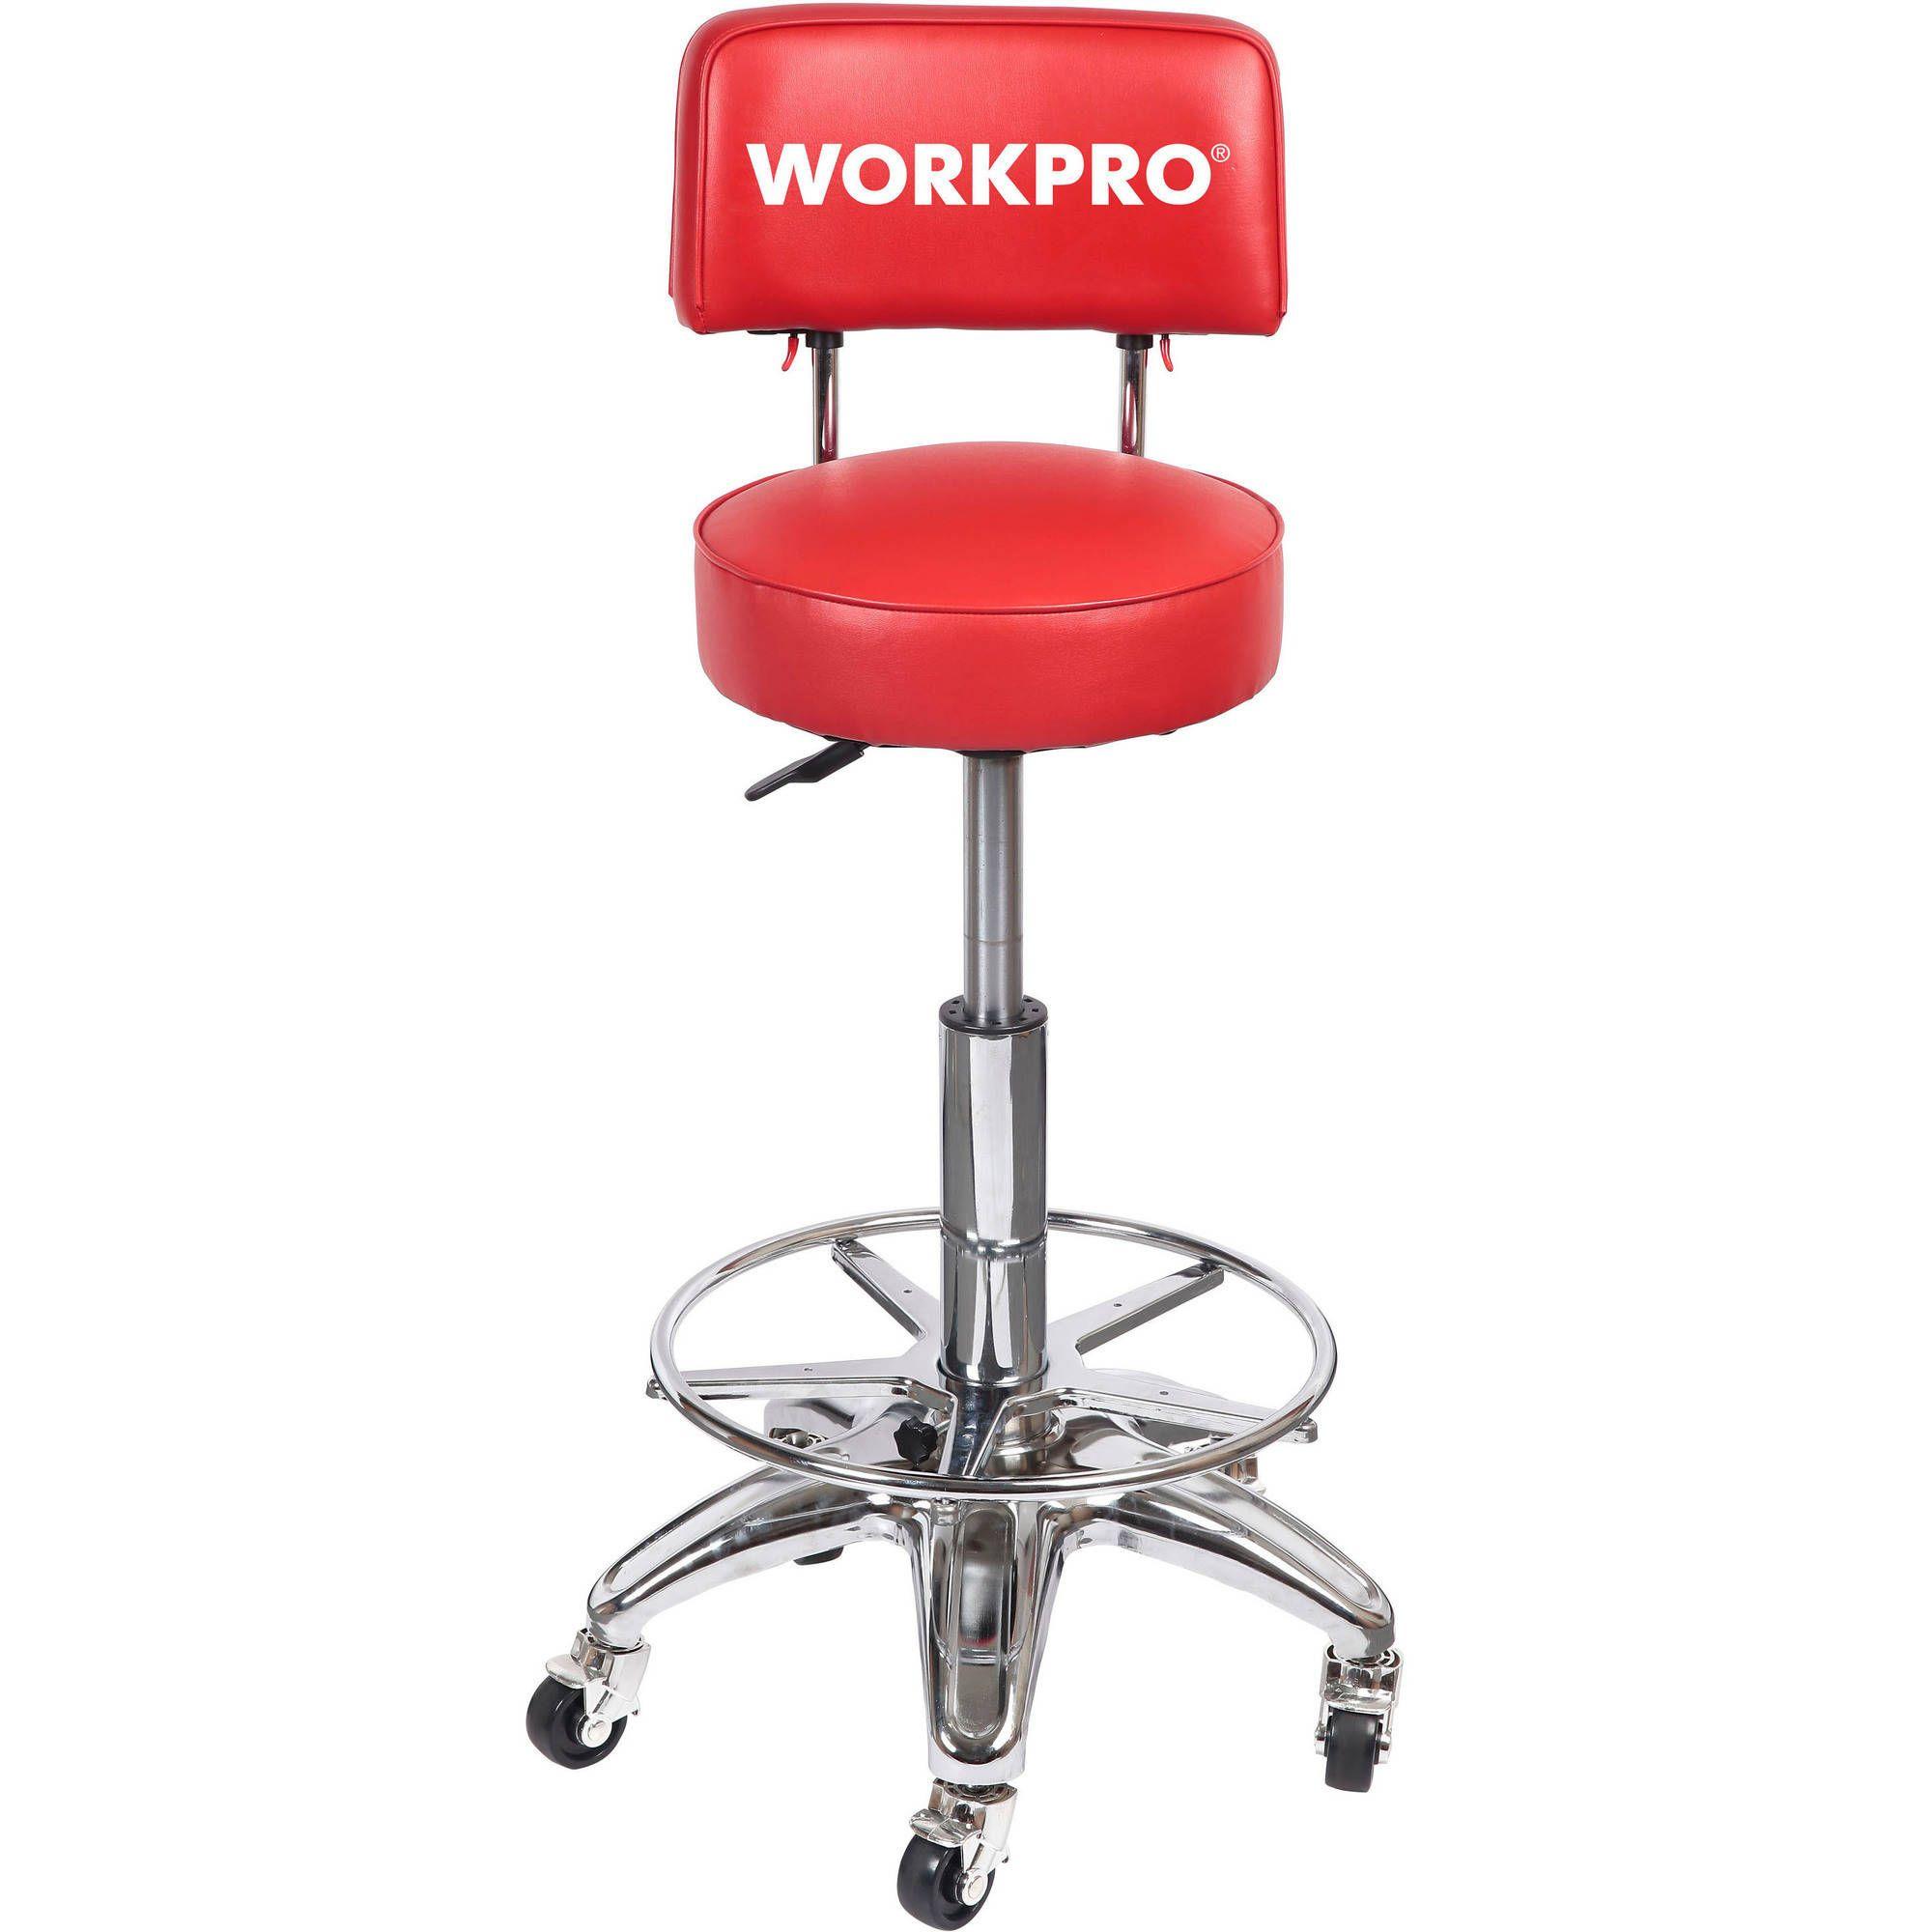 Garage Shop Stools Walmart Com Shop Stool Stool With Wheels Garage Stool Heavy duty shop stool with wheels